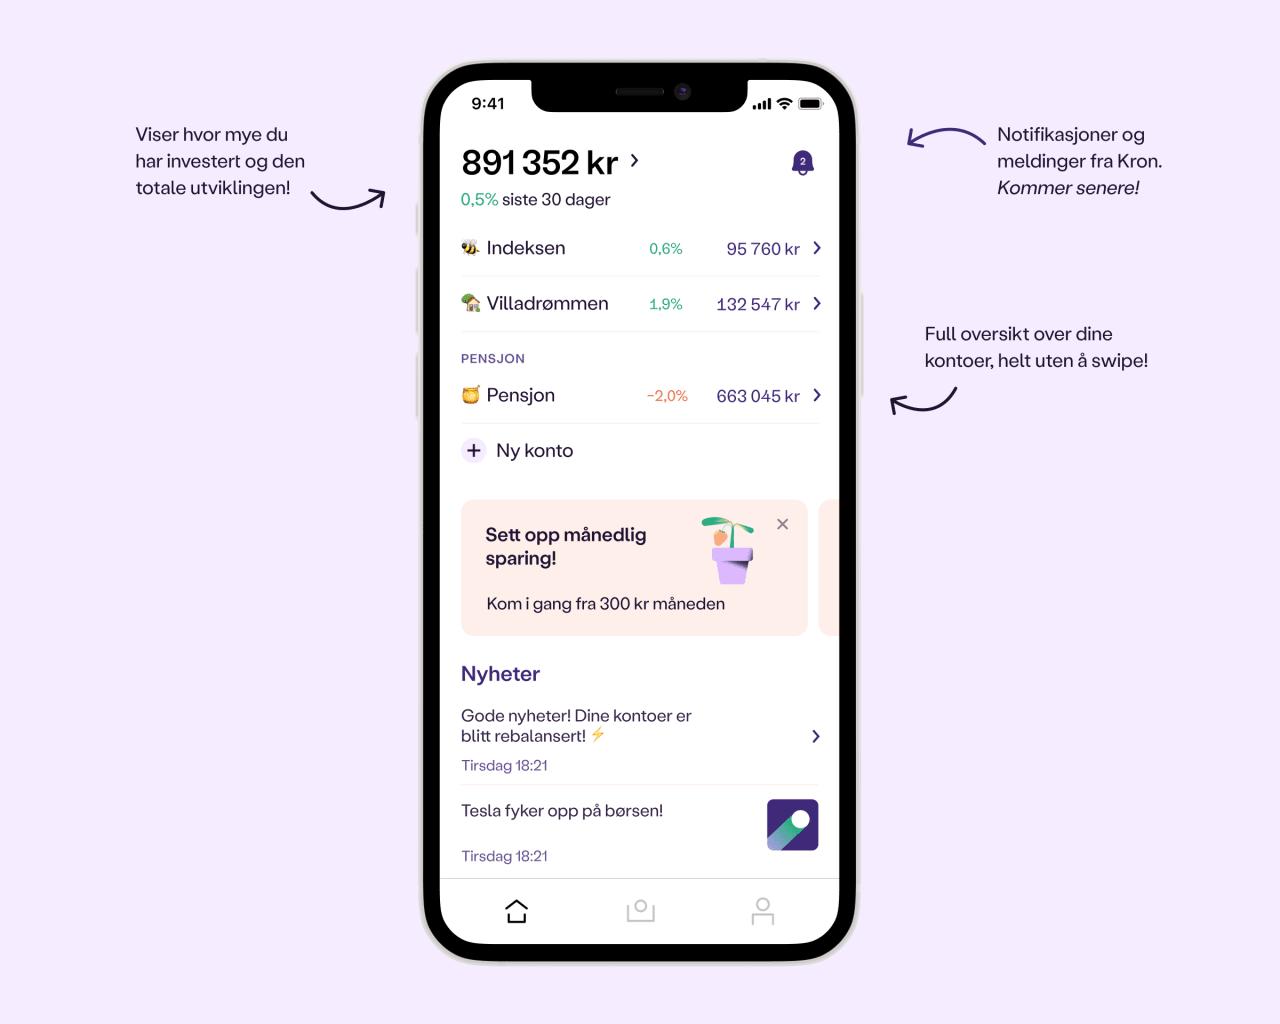 Et skjermbilde av det nye dashboardet i Kron-appen